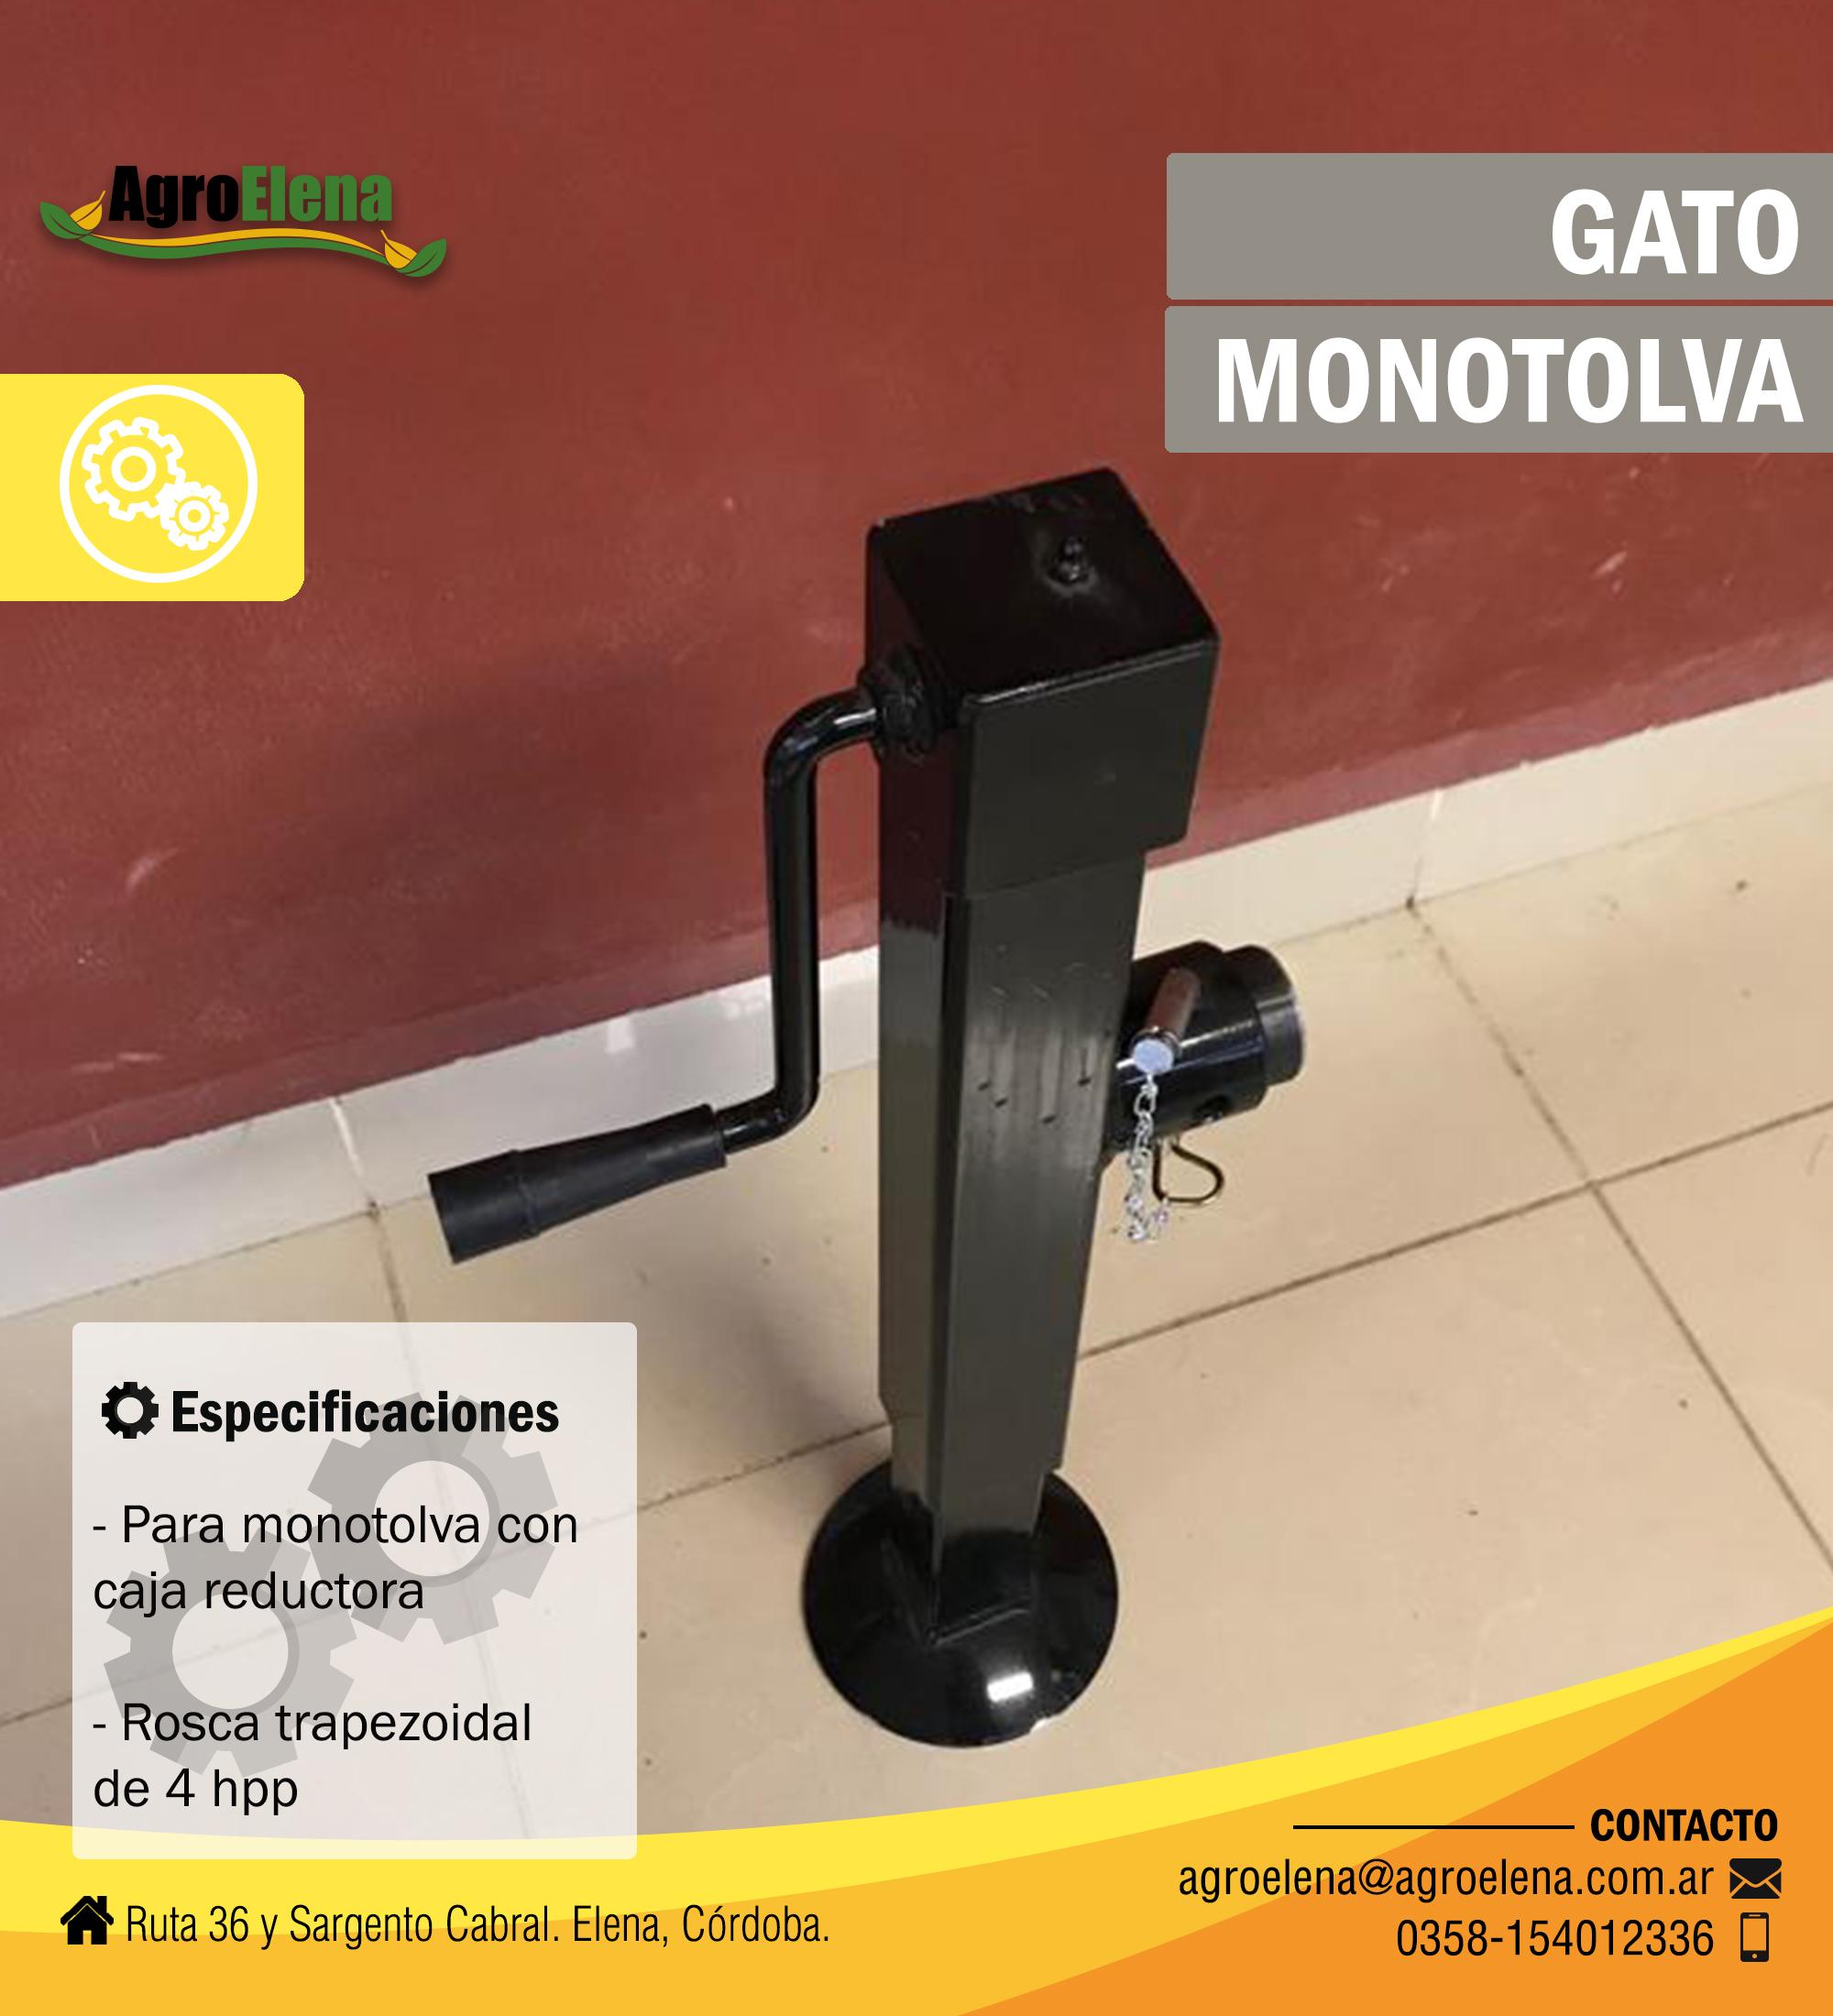 GATO MONOTOLVA Image